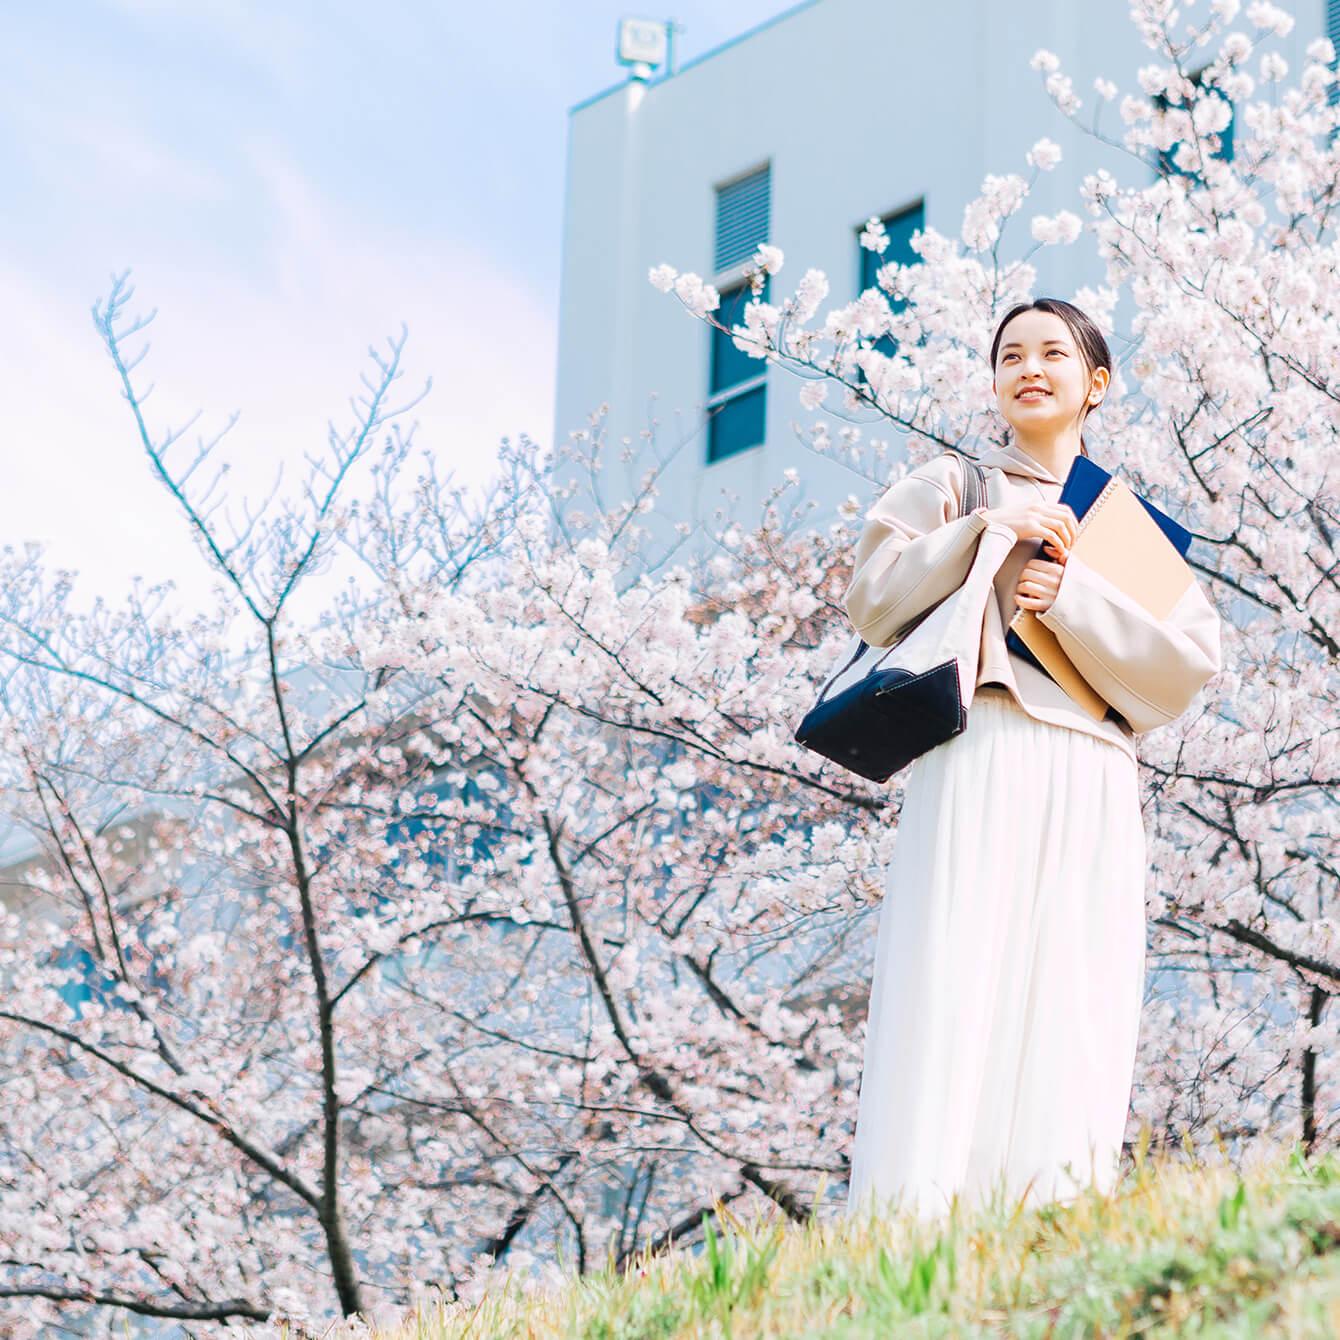 入学式に向かい、桜並木を歩く女性